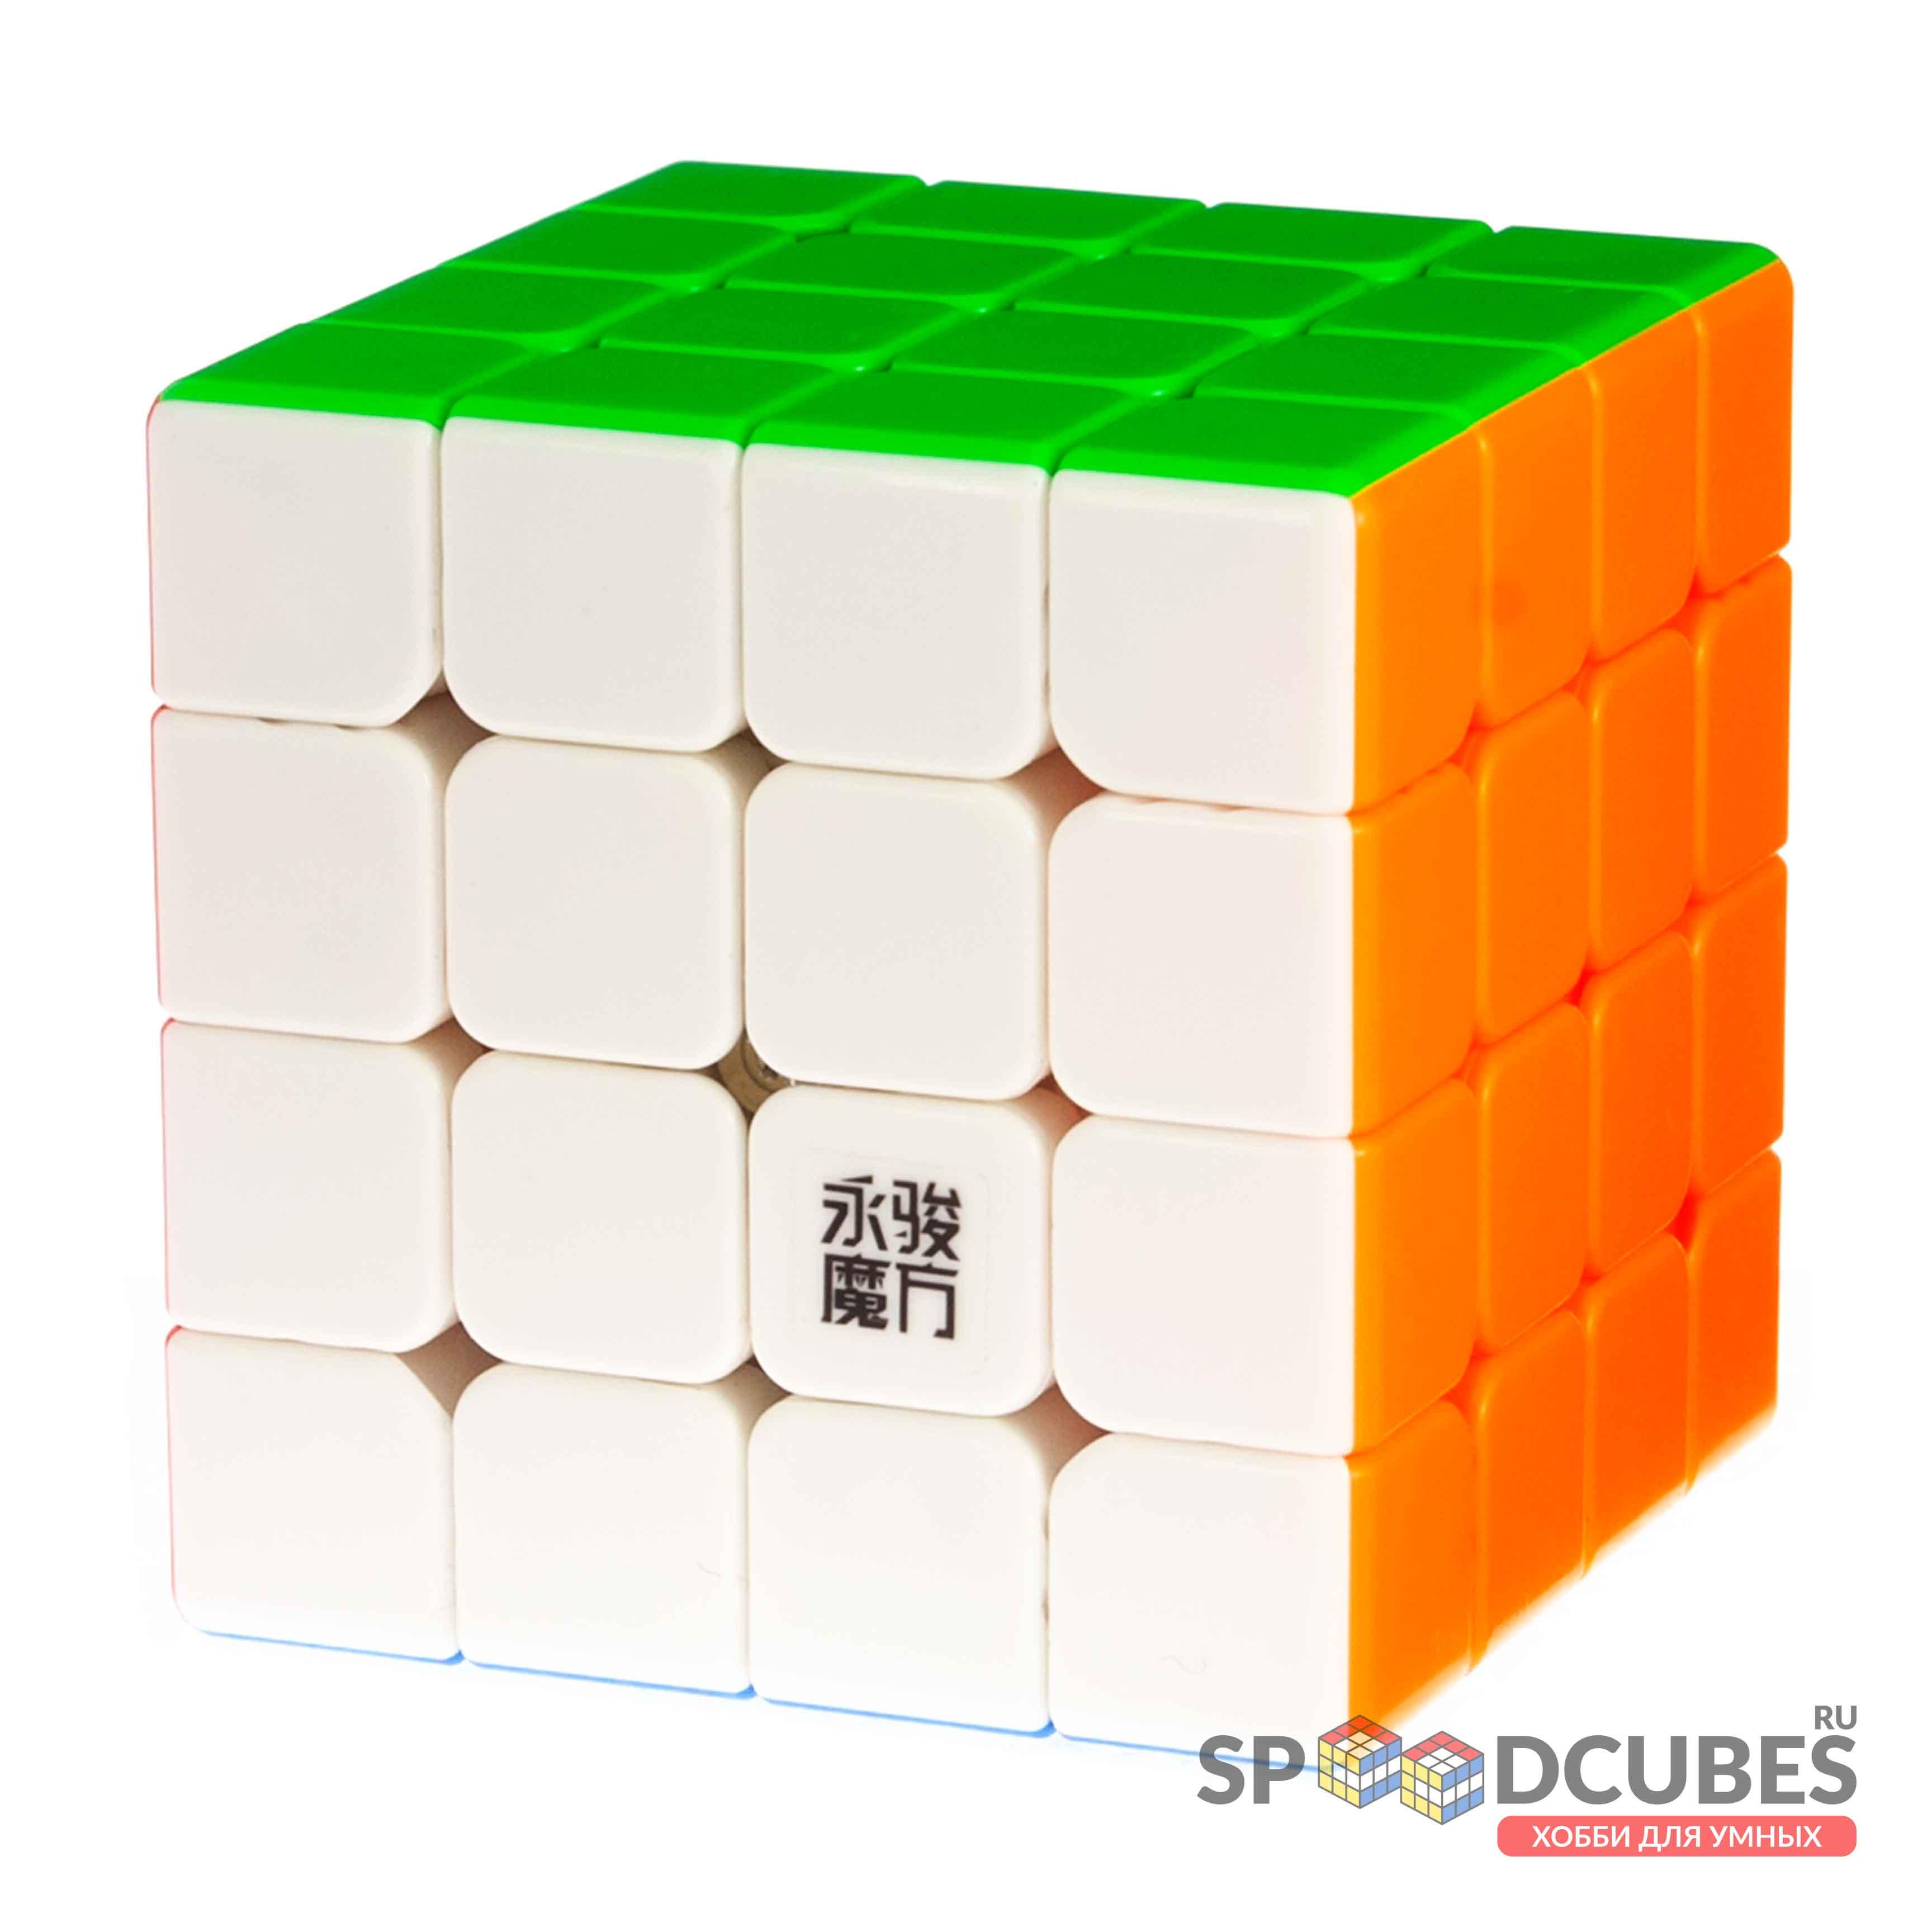 YJ 4x4x4 YuSu V2 M